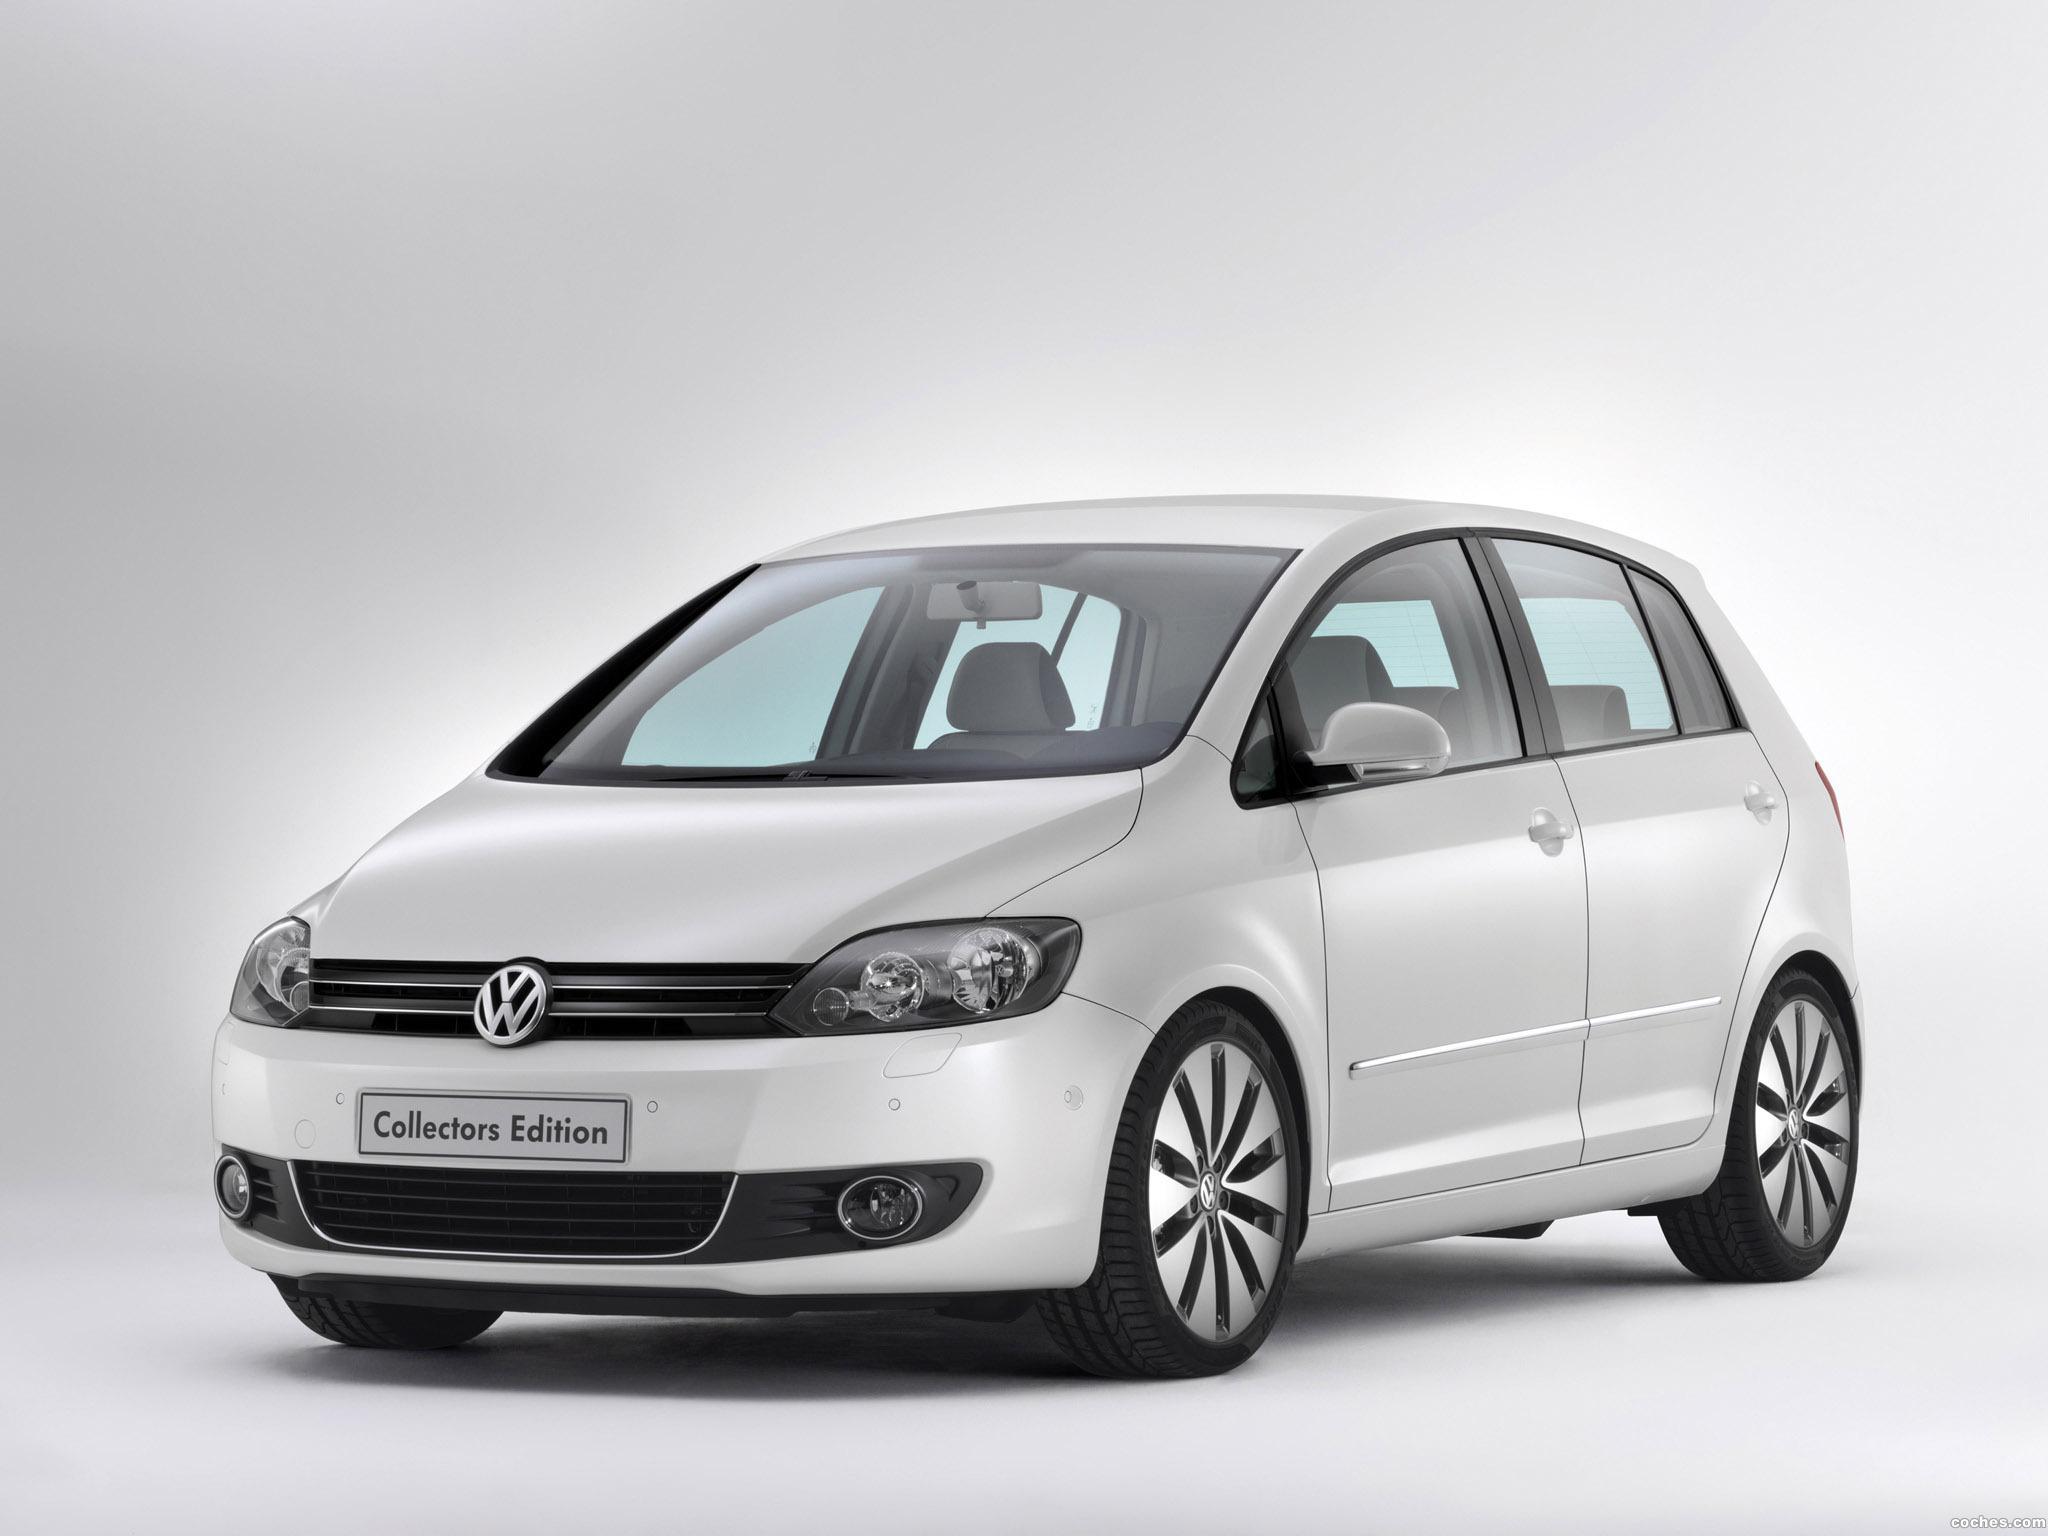 Foto 0 de Volkswagen Golf Plus VI Collectors Edition 2009